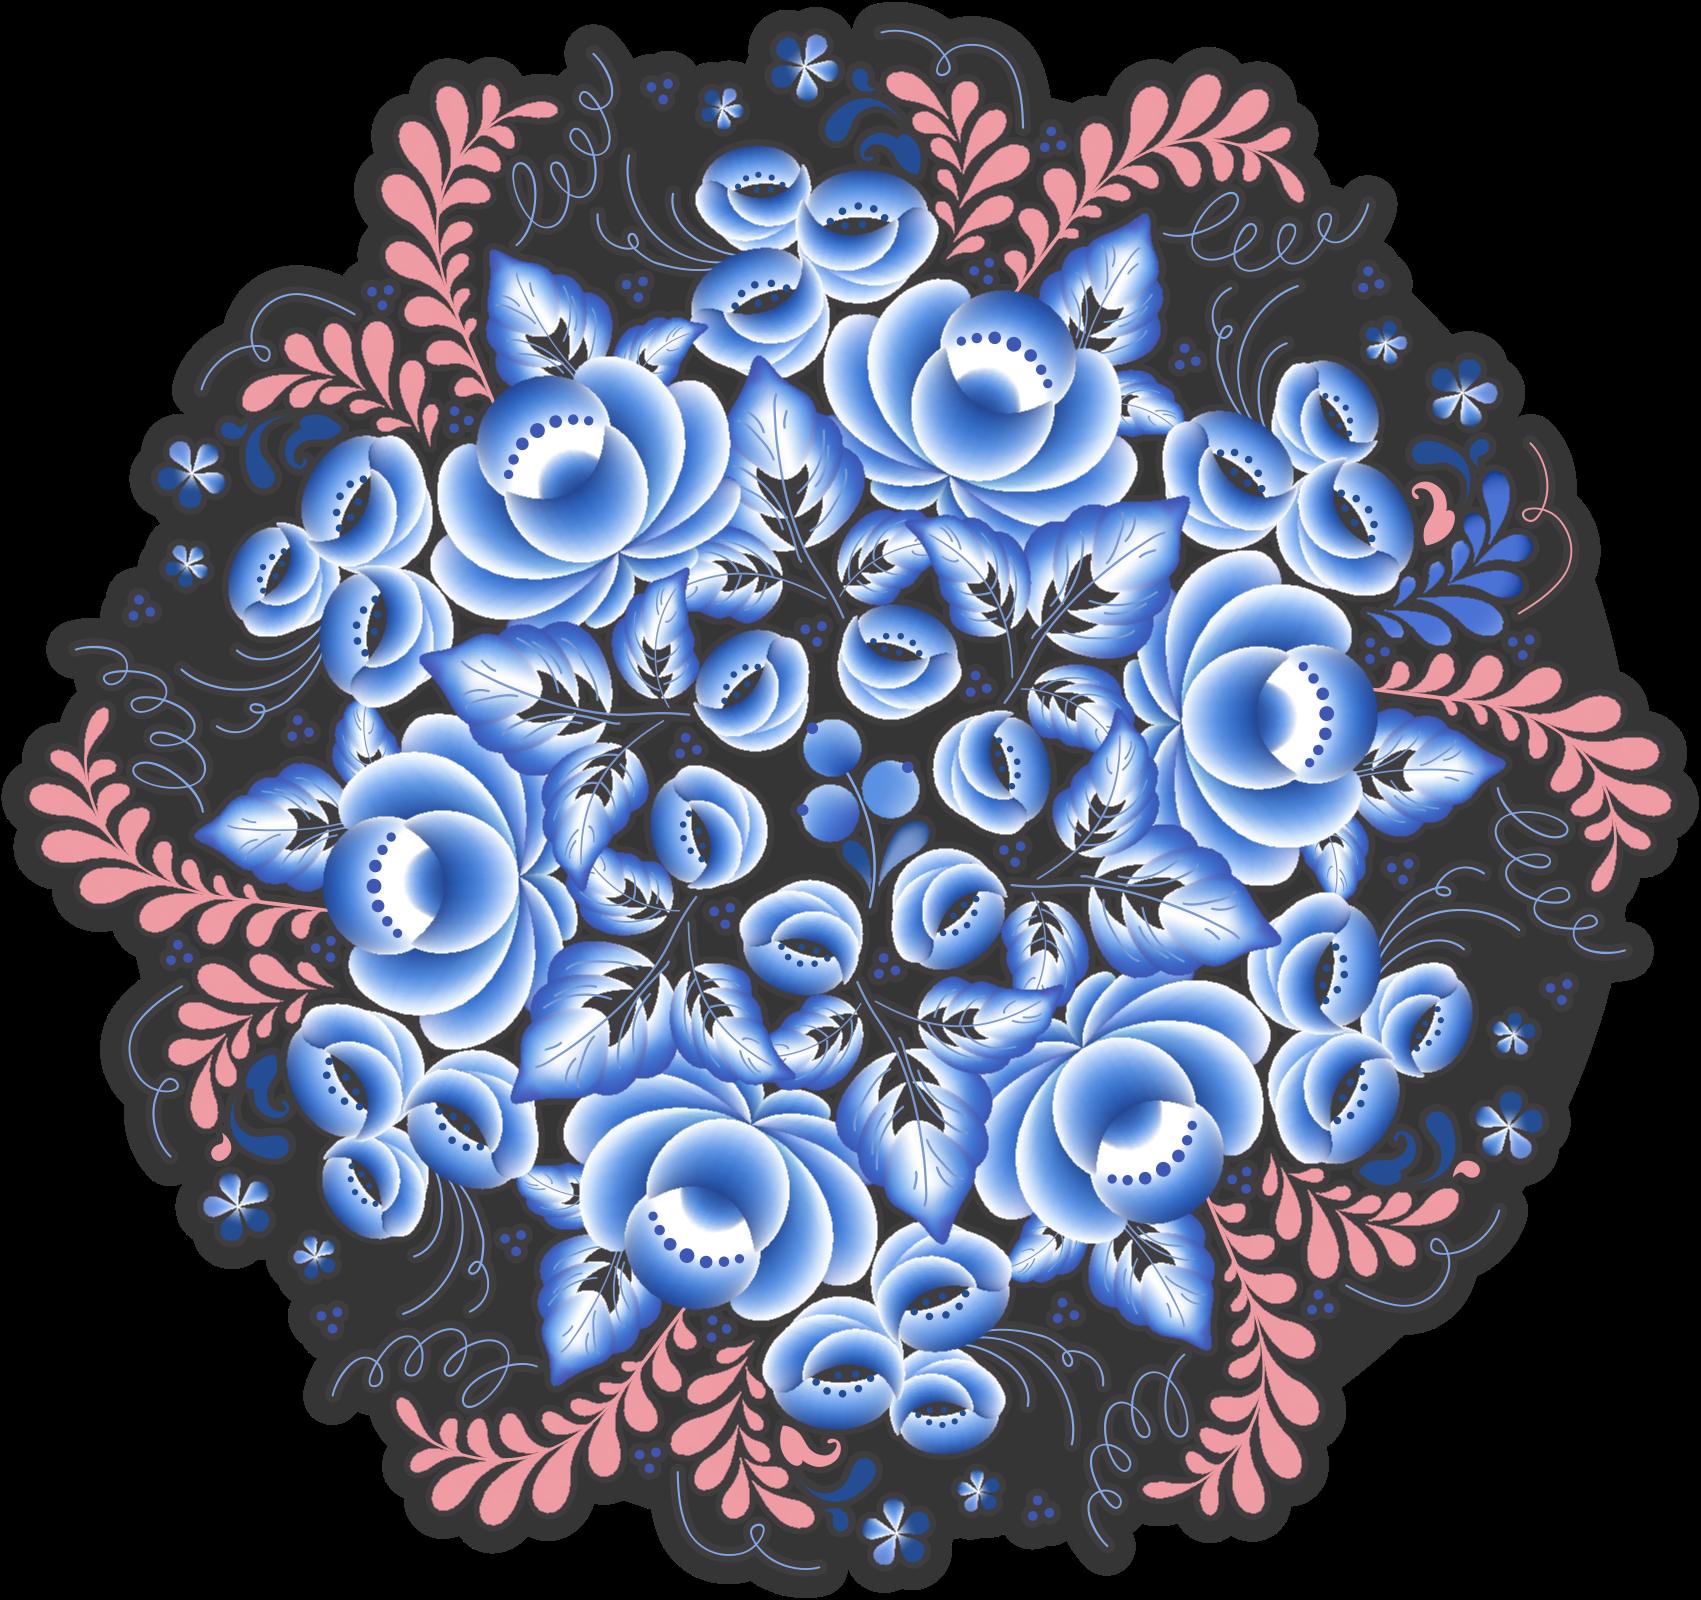 TENSTICKERS. 花フォークホームデカール. あなたの家のあらゆる部分を飾るための民俗花のかわいいステッカーデザイン。素敵な方法であなたのスペースを強化する素敵なデザイン。